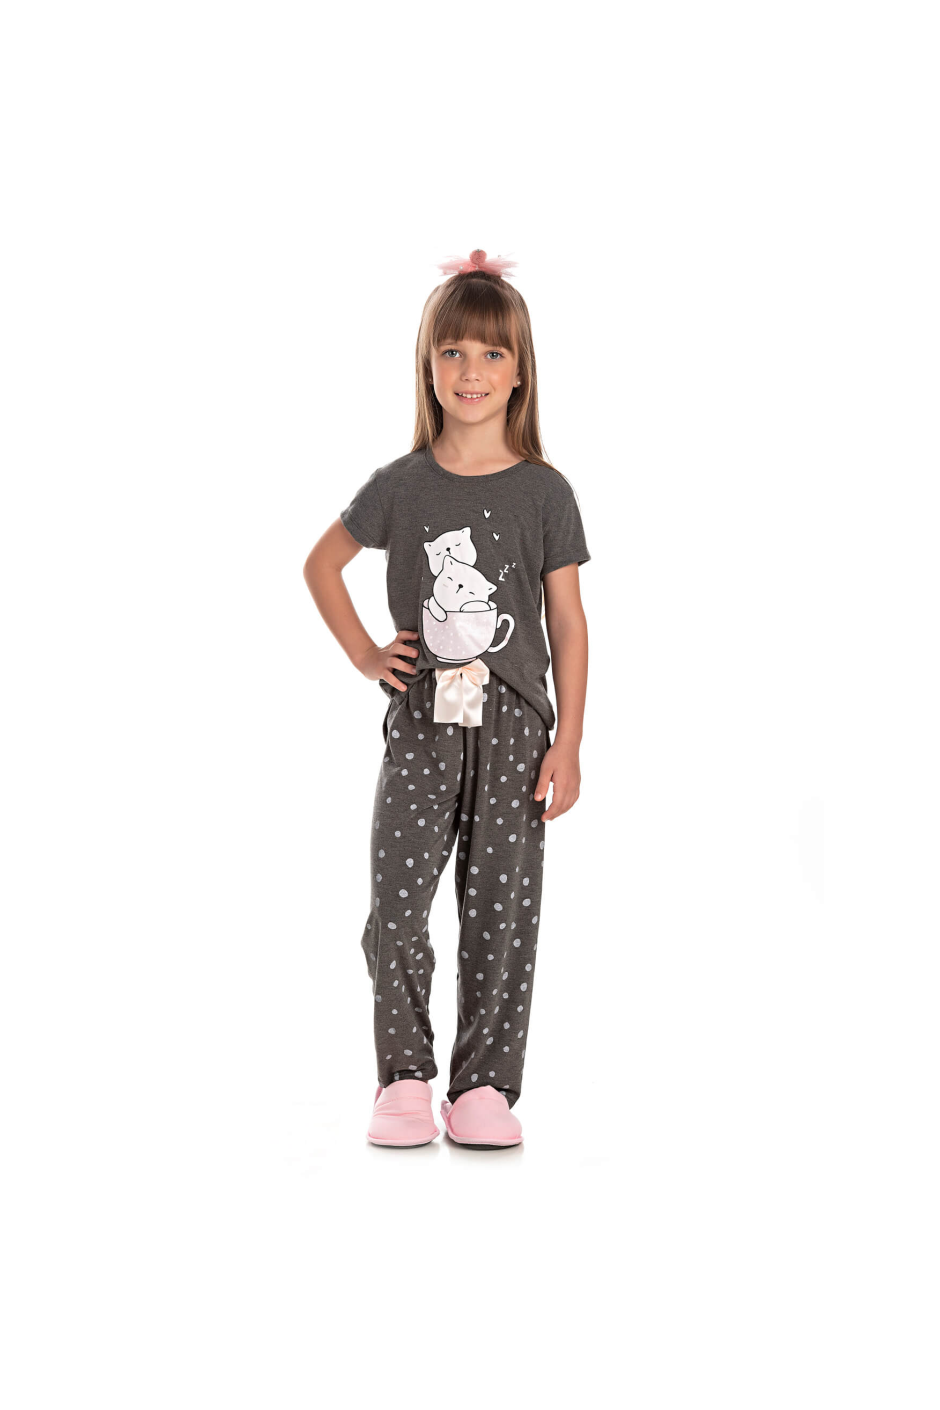 011/C - Pijama Infantil Feminino Feline Sleep zZzZ